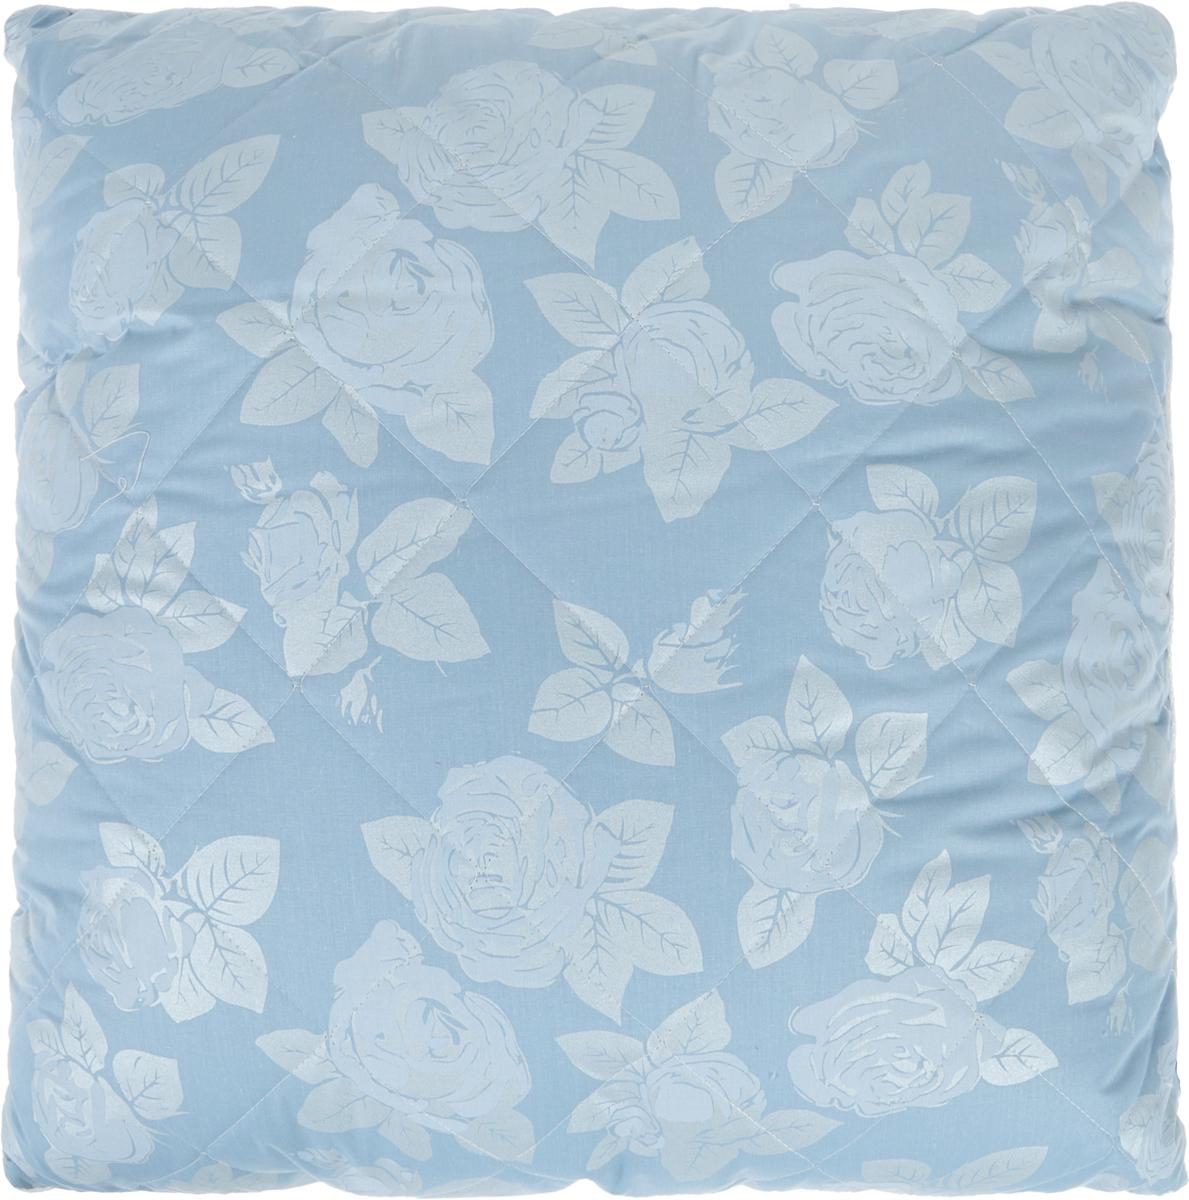 Подушка Bio-Teхtiles Очарование, наполнитель: искусственный лебяжий пух, цвет: голубой, 70 х 70 смSPC644